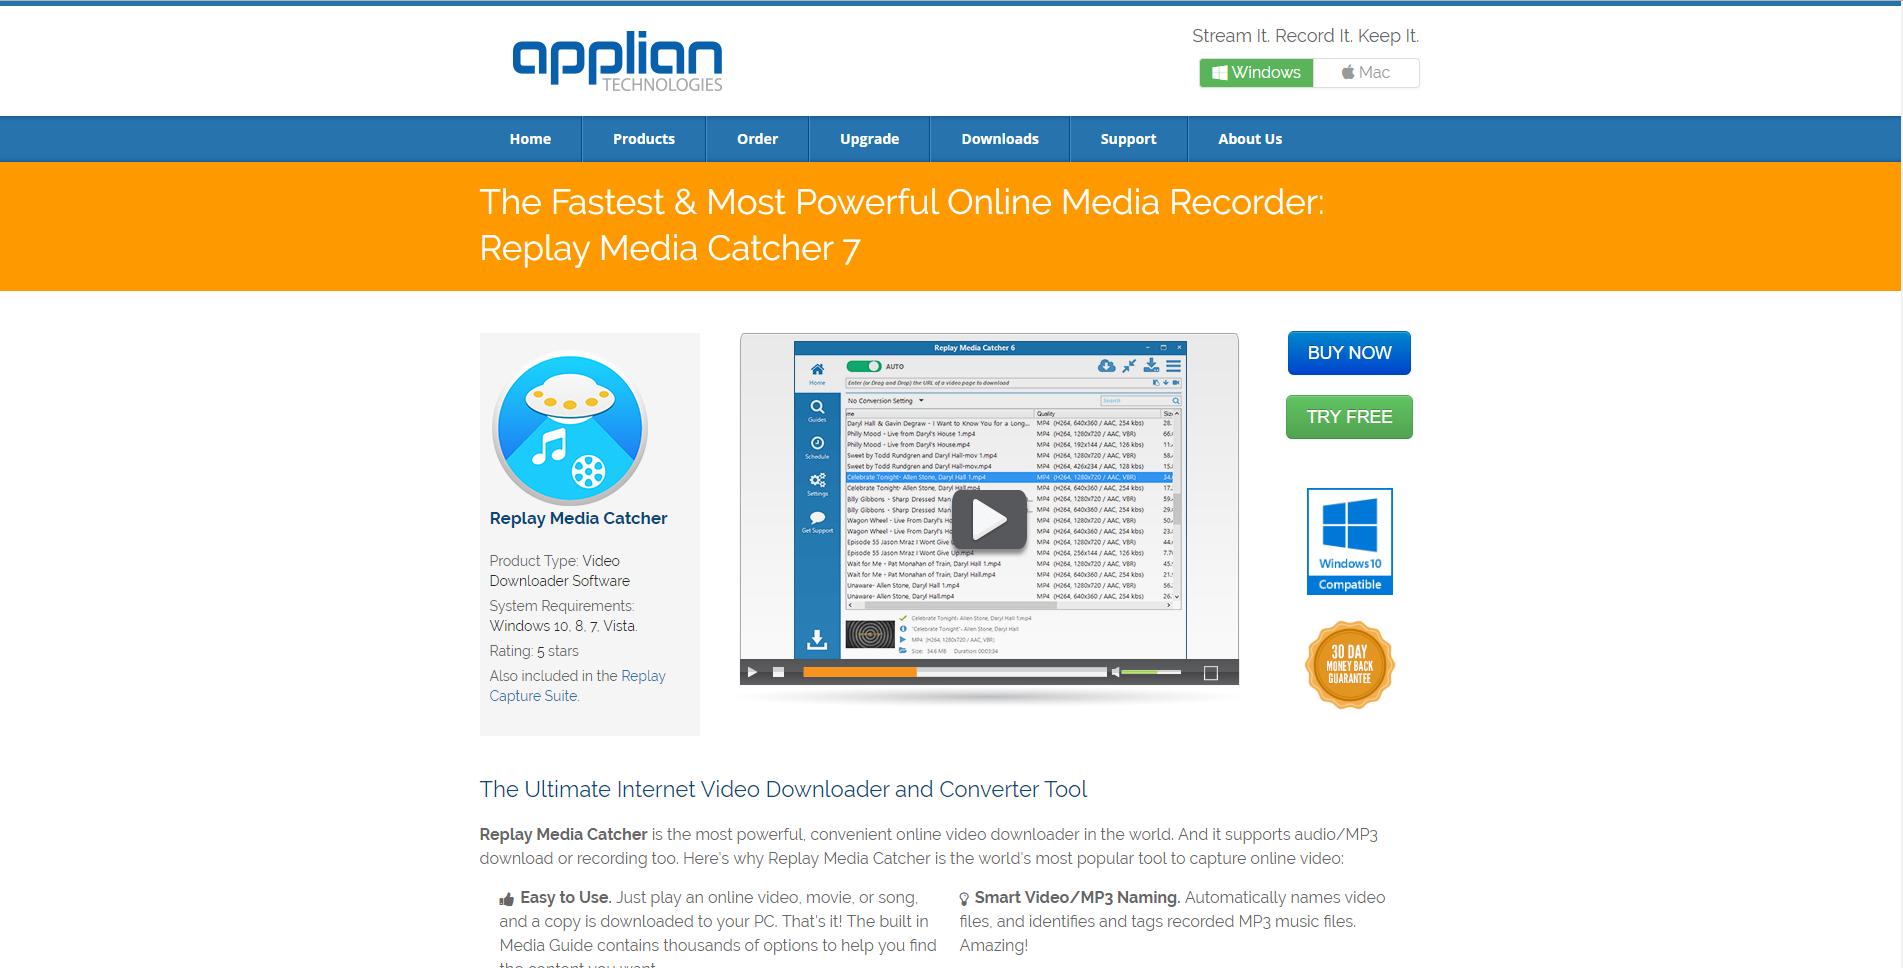 Alternativen zu Replay Media Catcher Video-Grabbing - Die besten